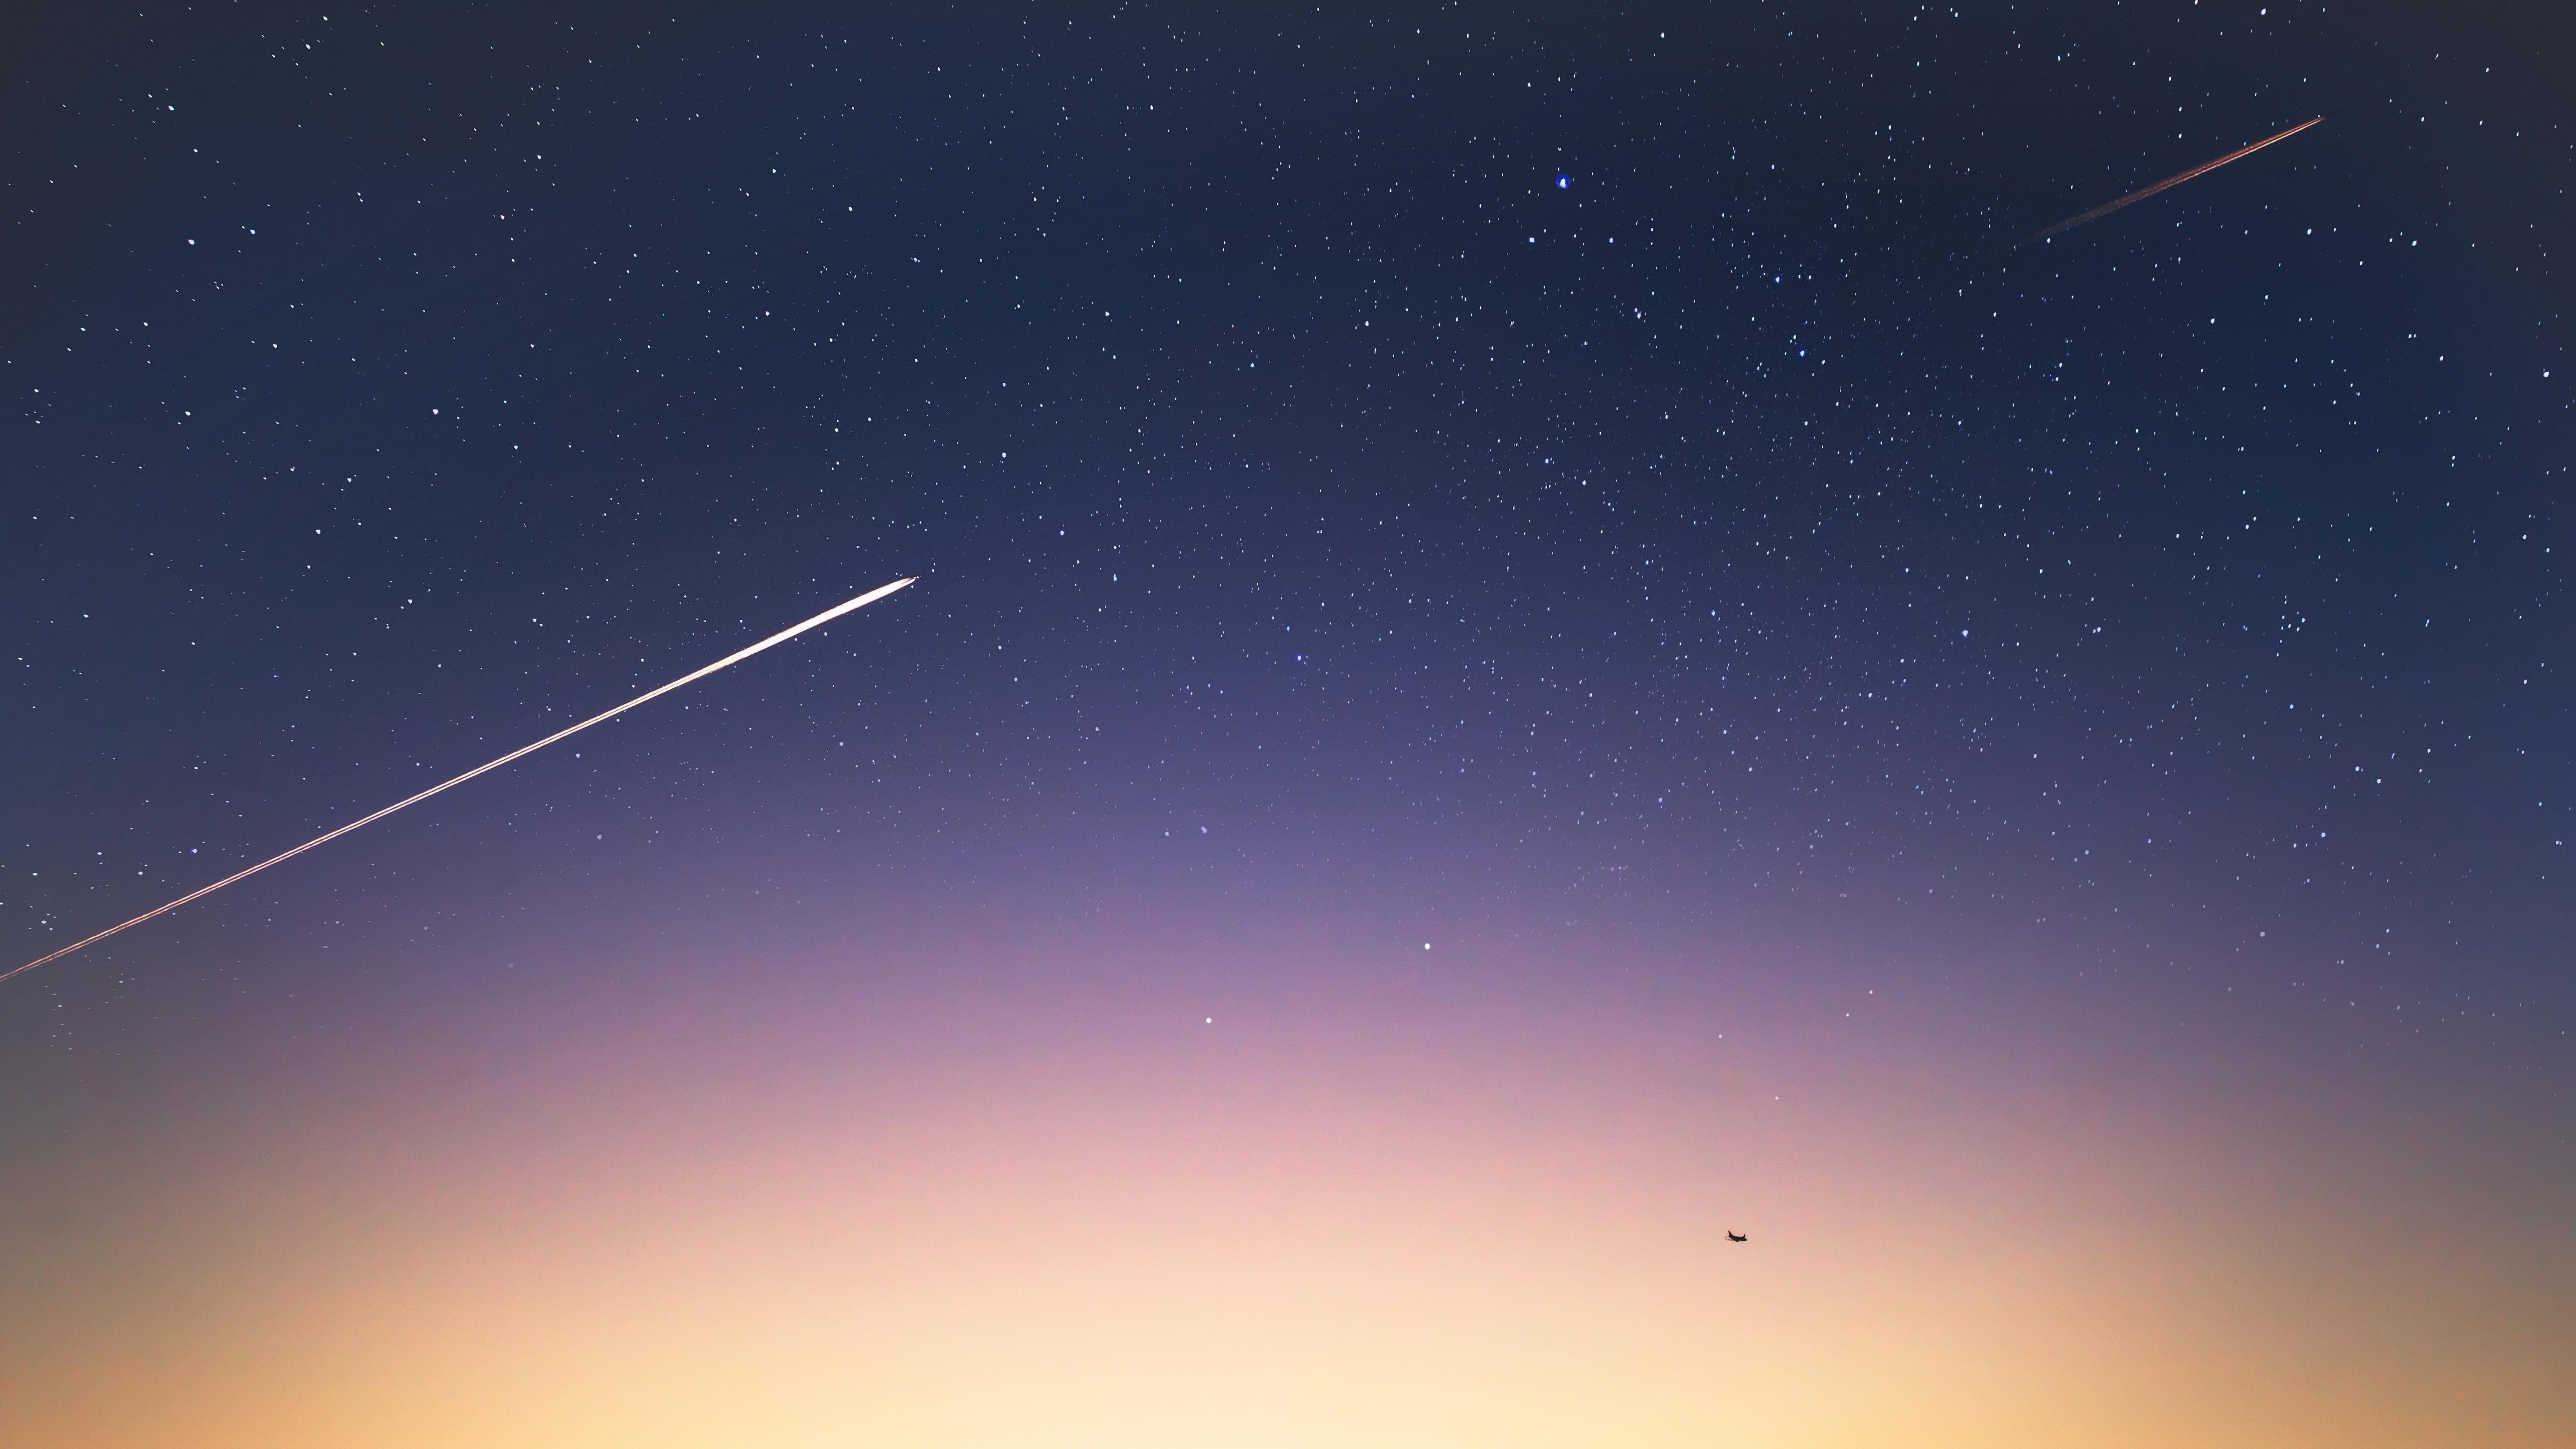 Звездное небо обои скачать